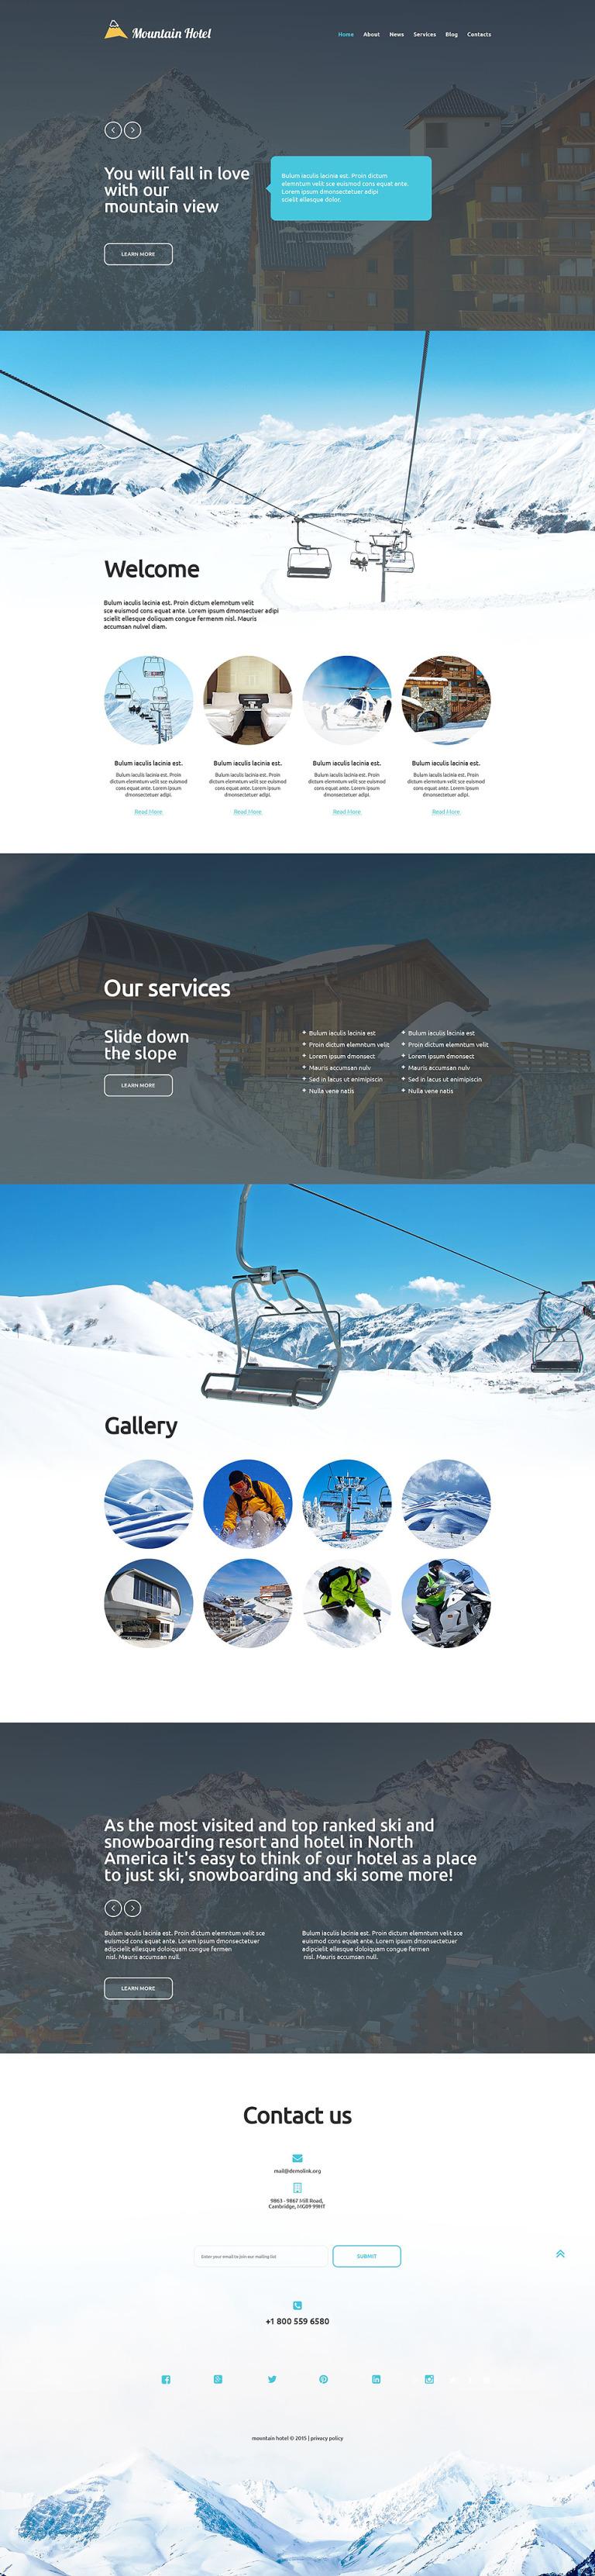 Hotel Business Website Template New Screenshots BIG